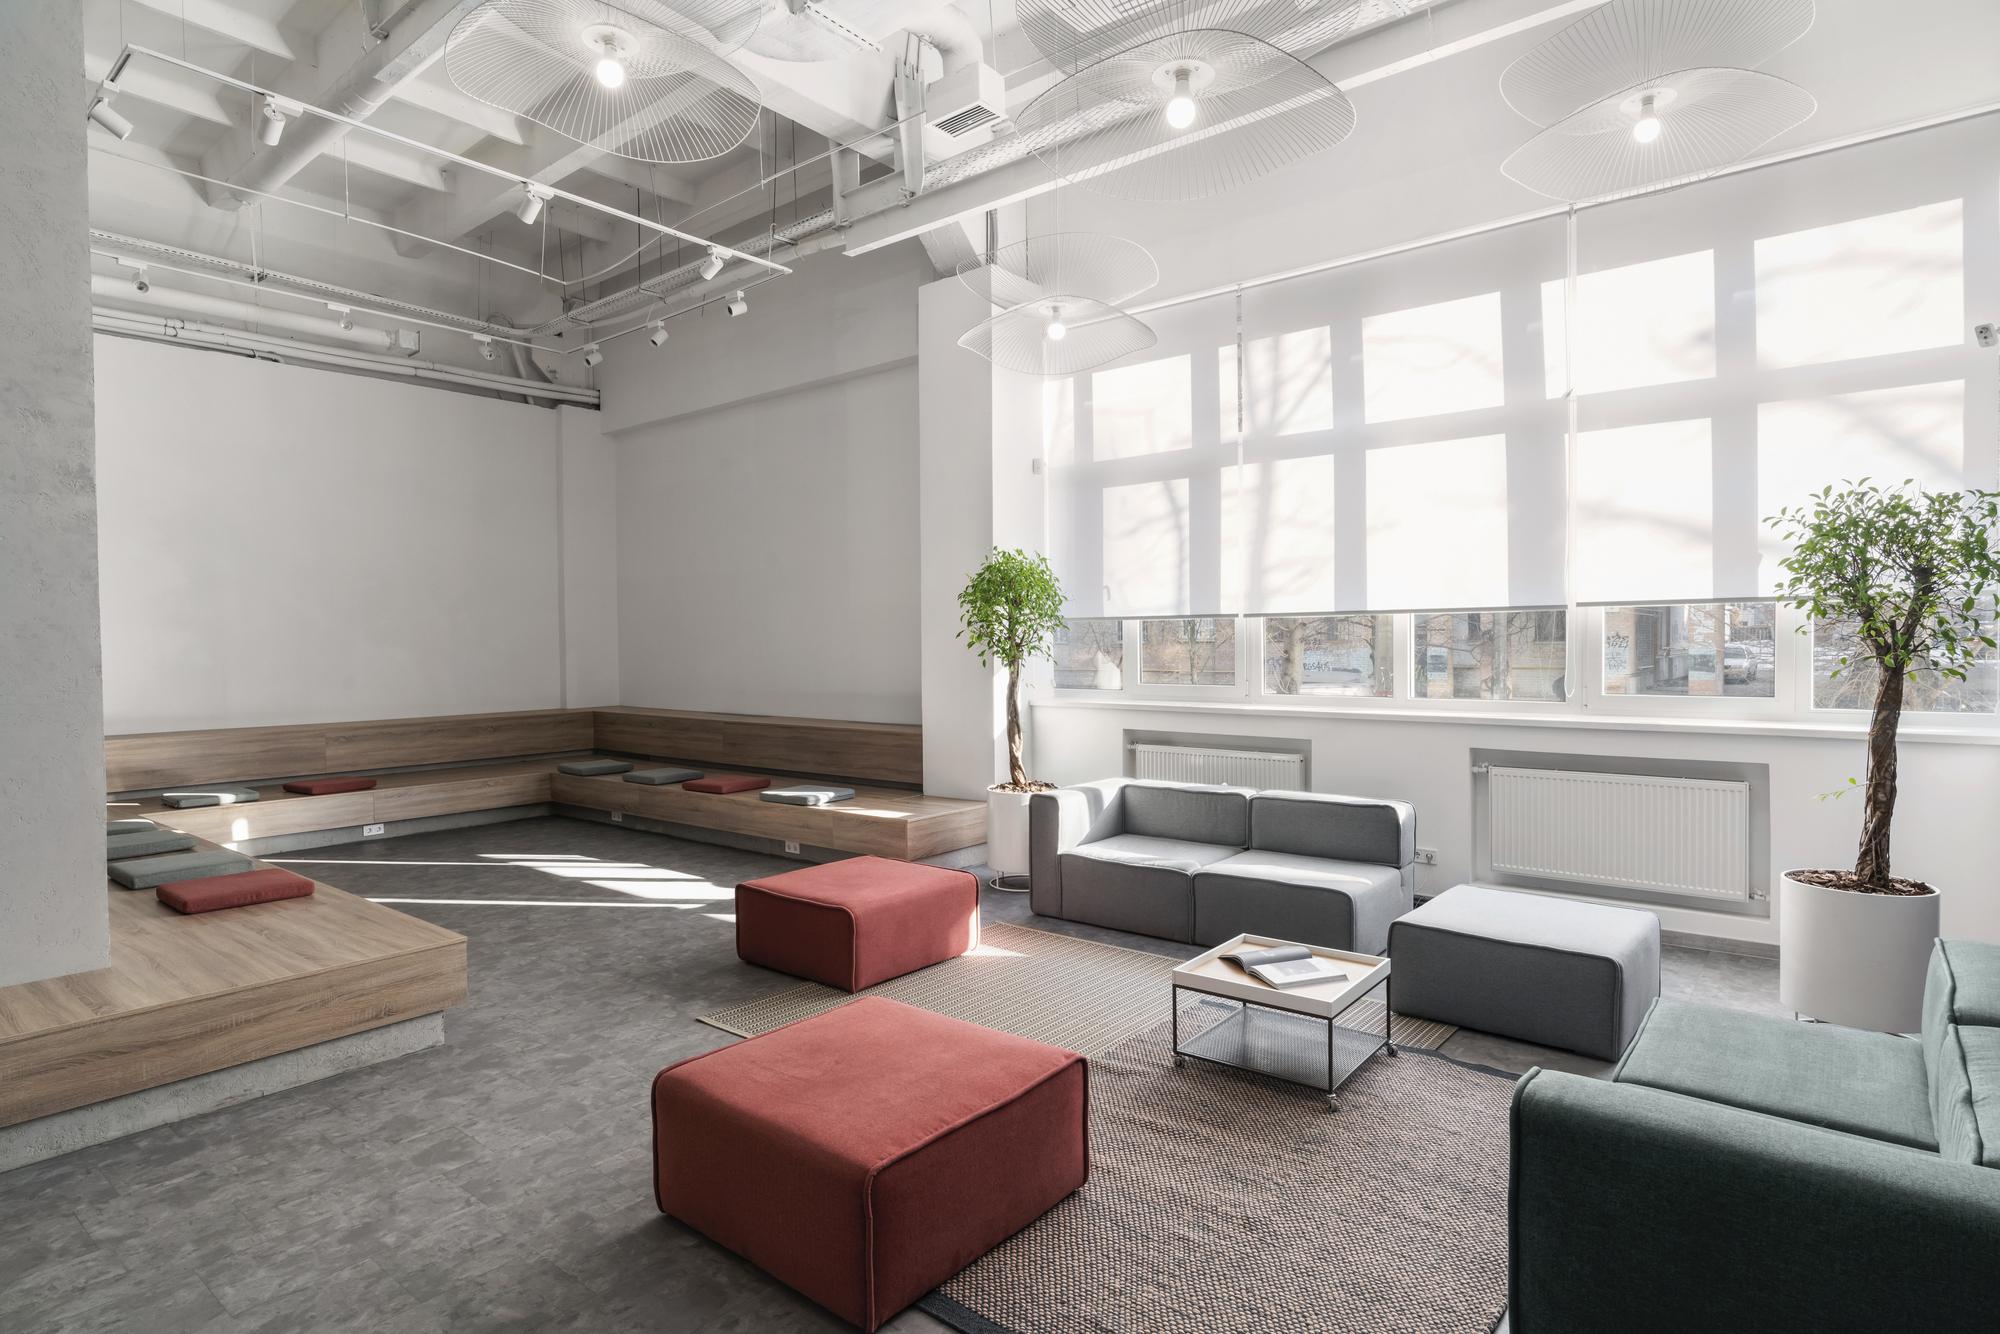 【工业风、阶梯座】办公空间设计